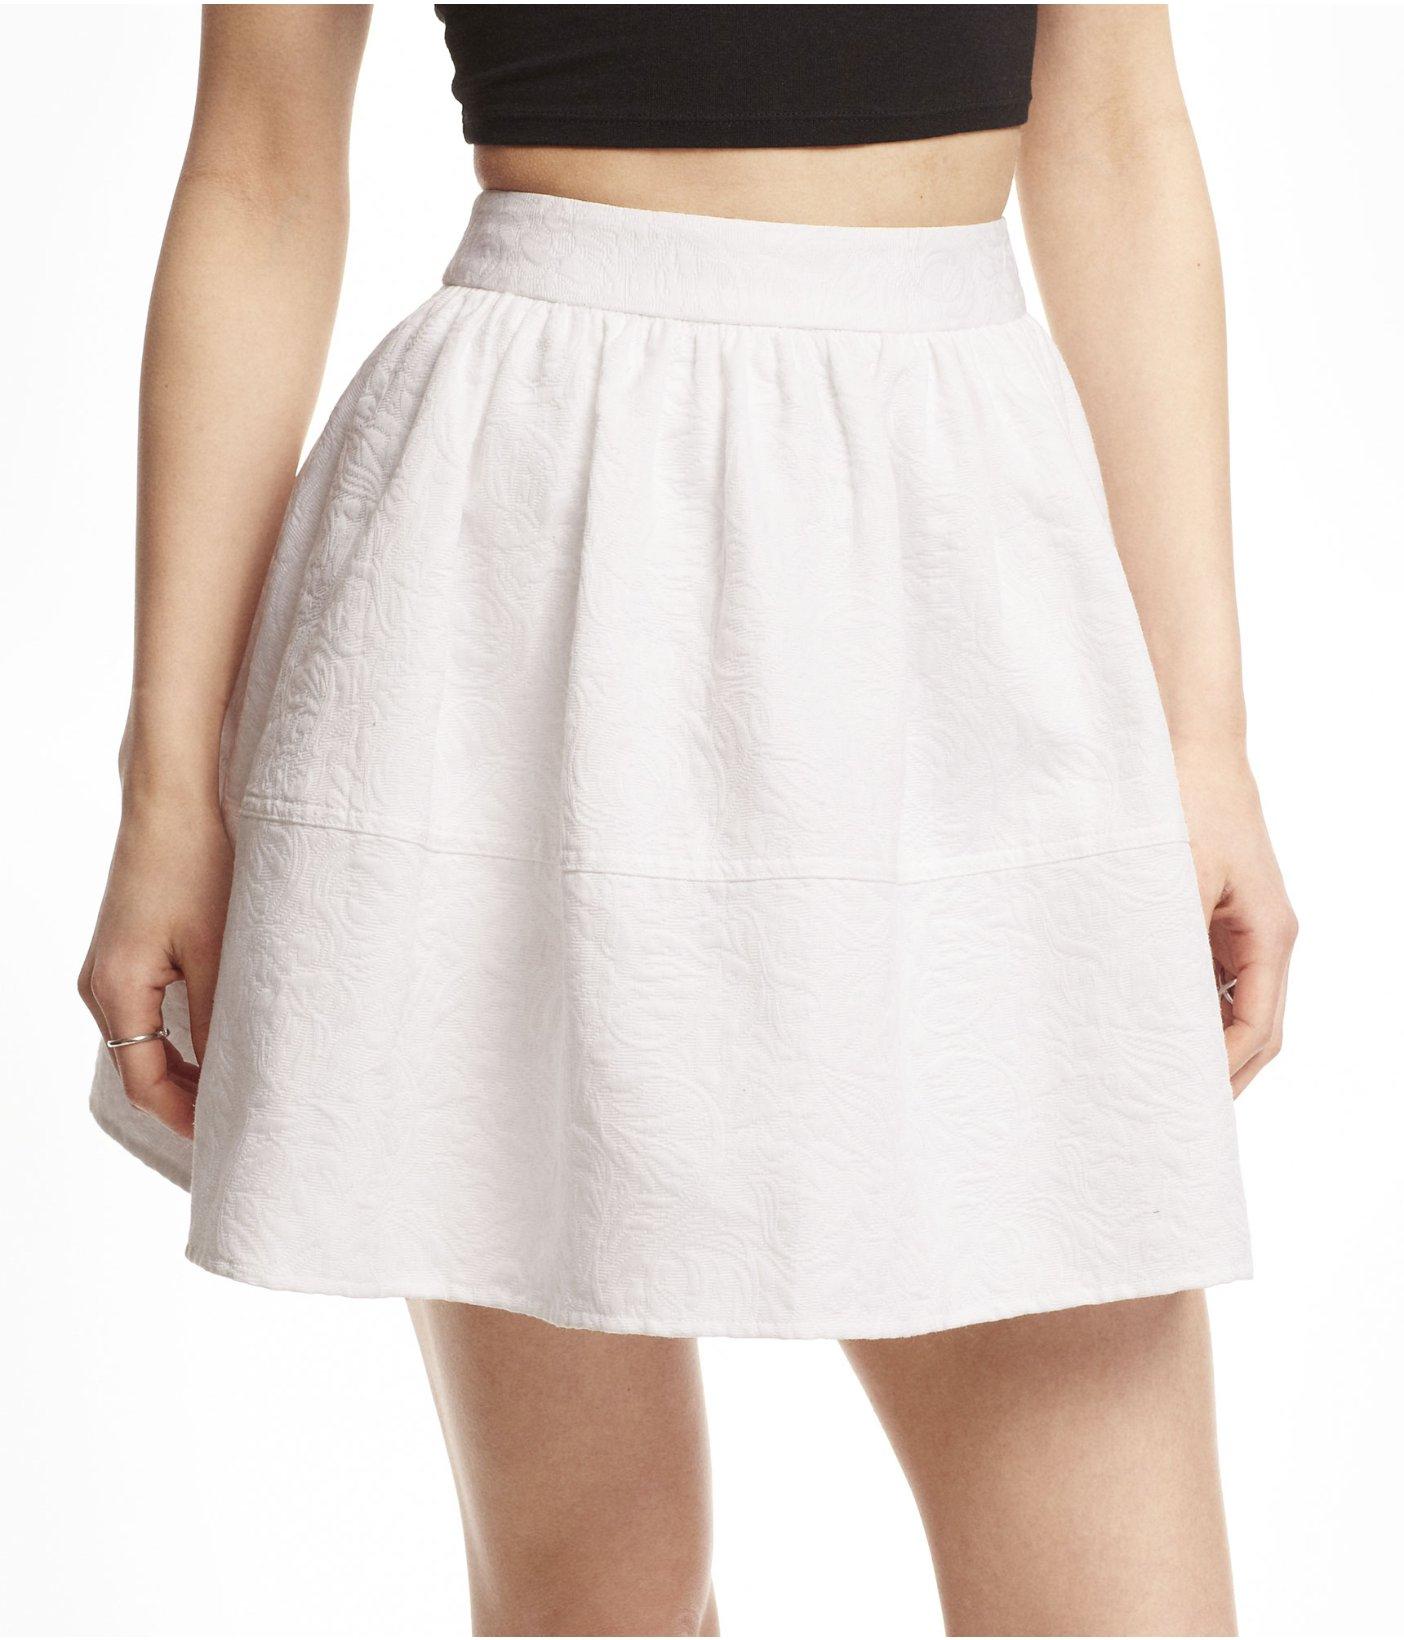 Lyst - Express High Waist Jacquard Full Skirt in White - photo#25